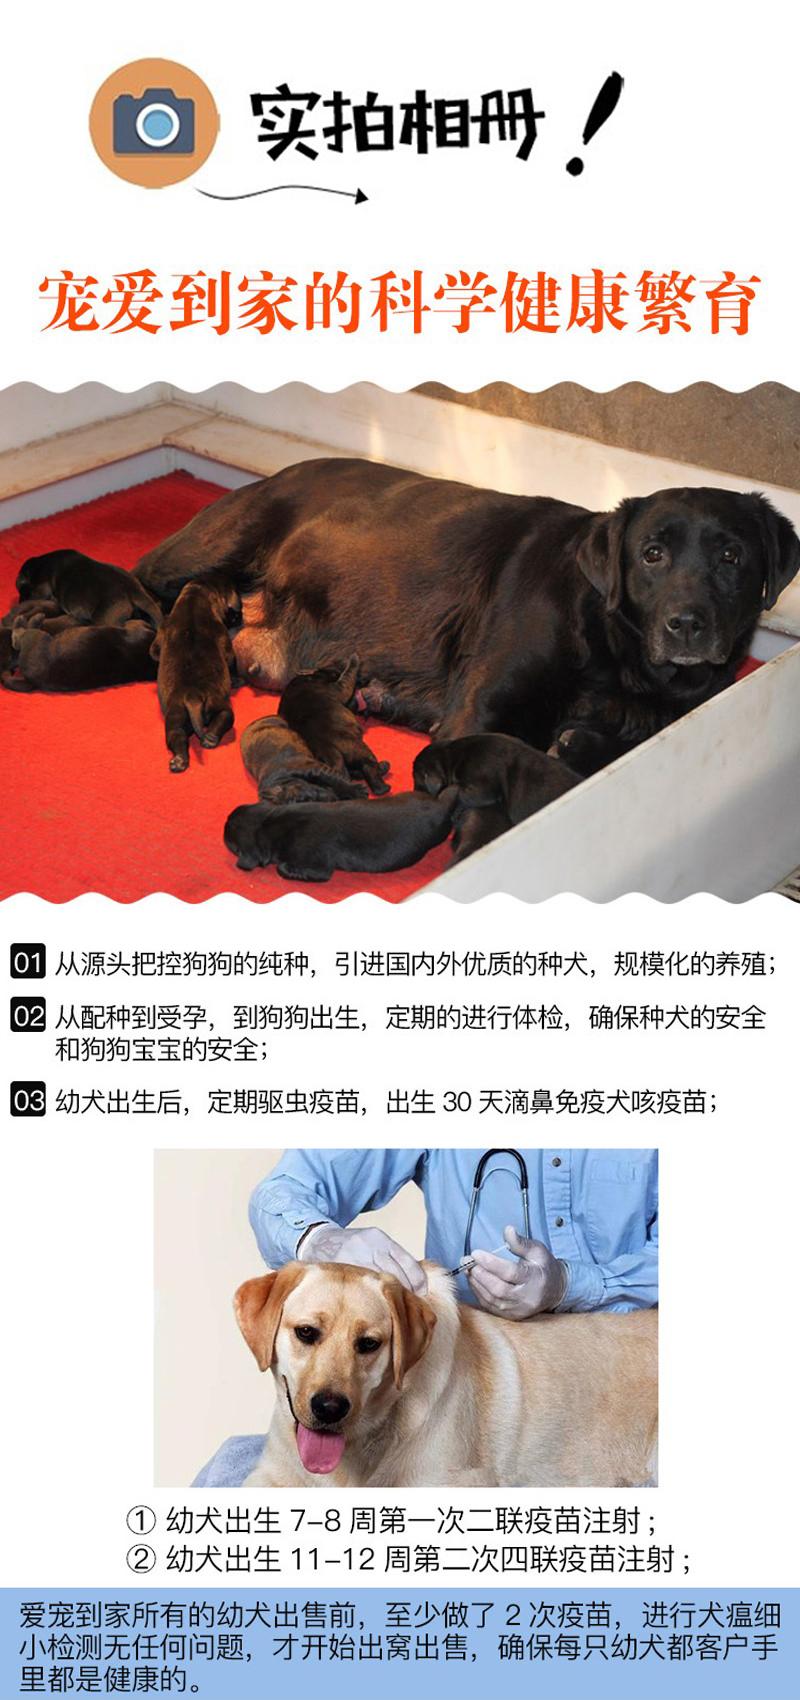 可上门选购〖签协议包健康〗免费送用品、精品阿富汗犬